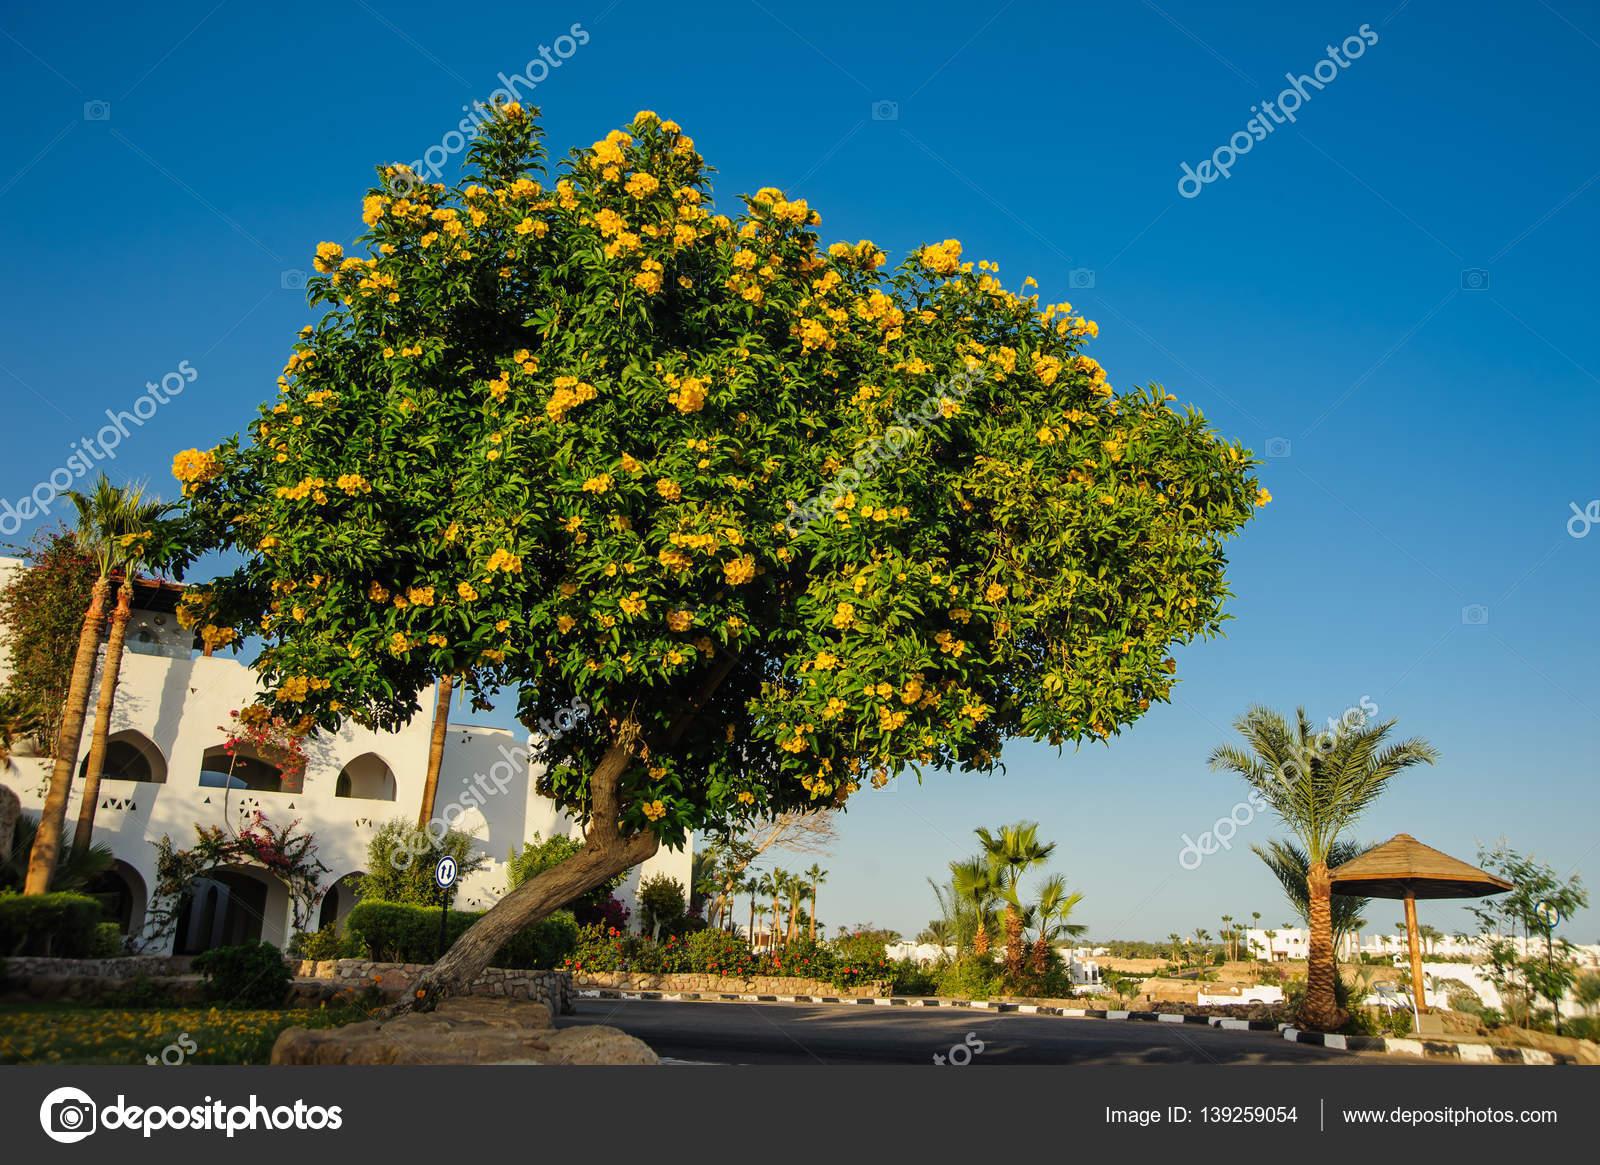 rbol tropical con flores amarillas foto de stock med photo studio 139259054. Black Bedroom Furniture Sets. Home Design Ideas